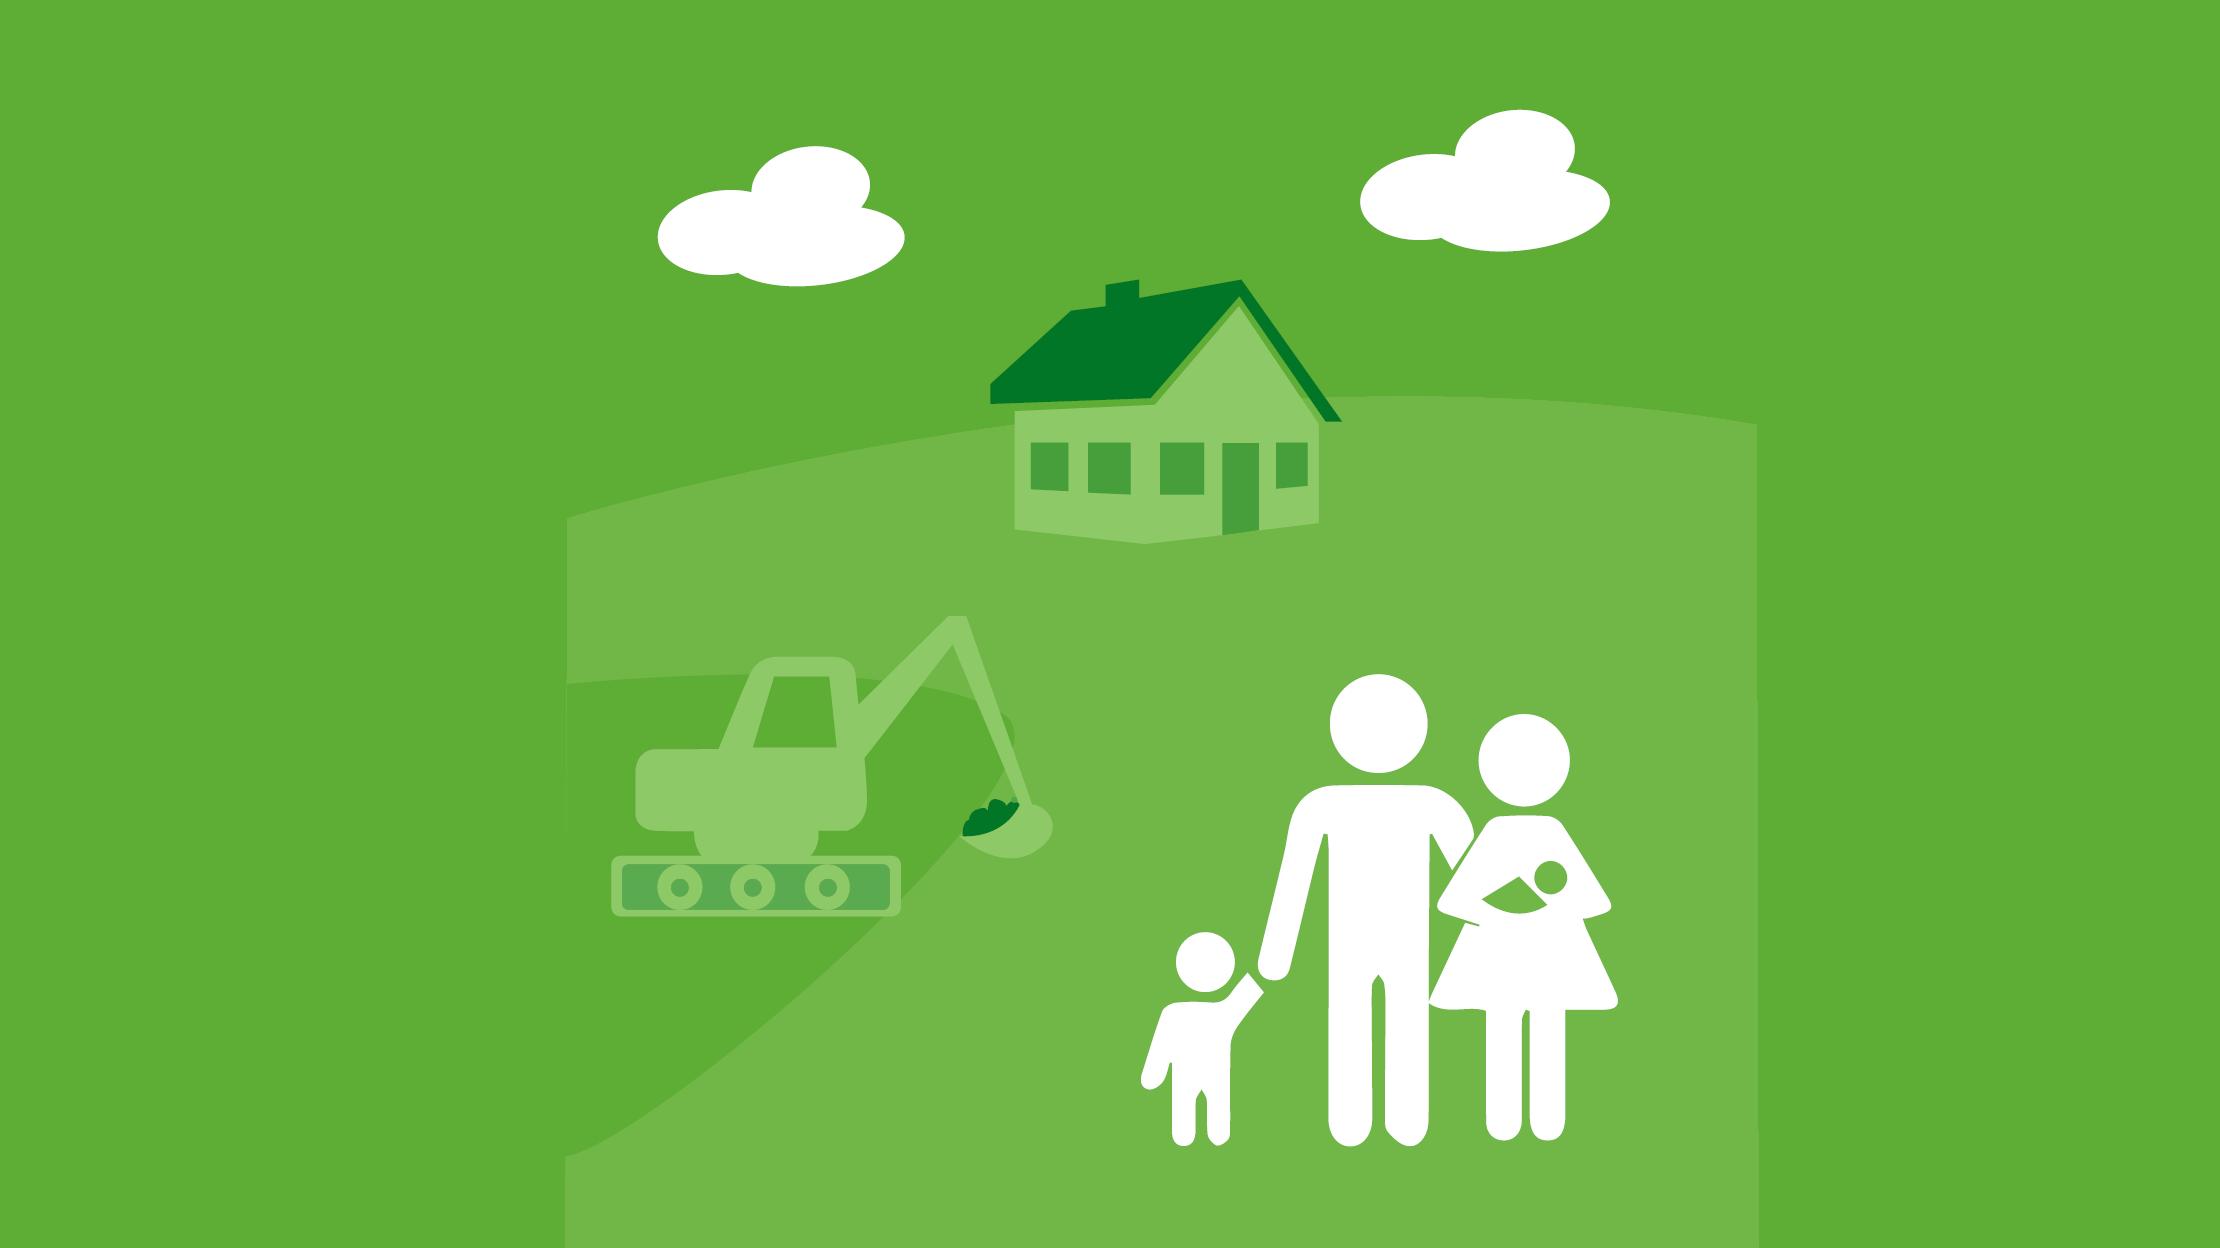 Einstiegskachel Umweltatlas Bauen, Wohnen, Haushalte